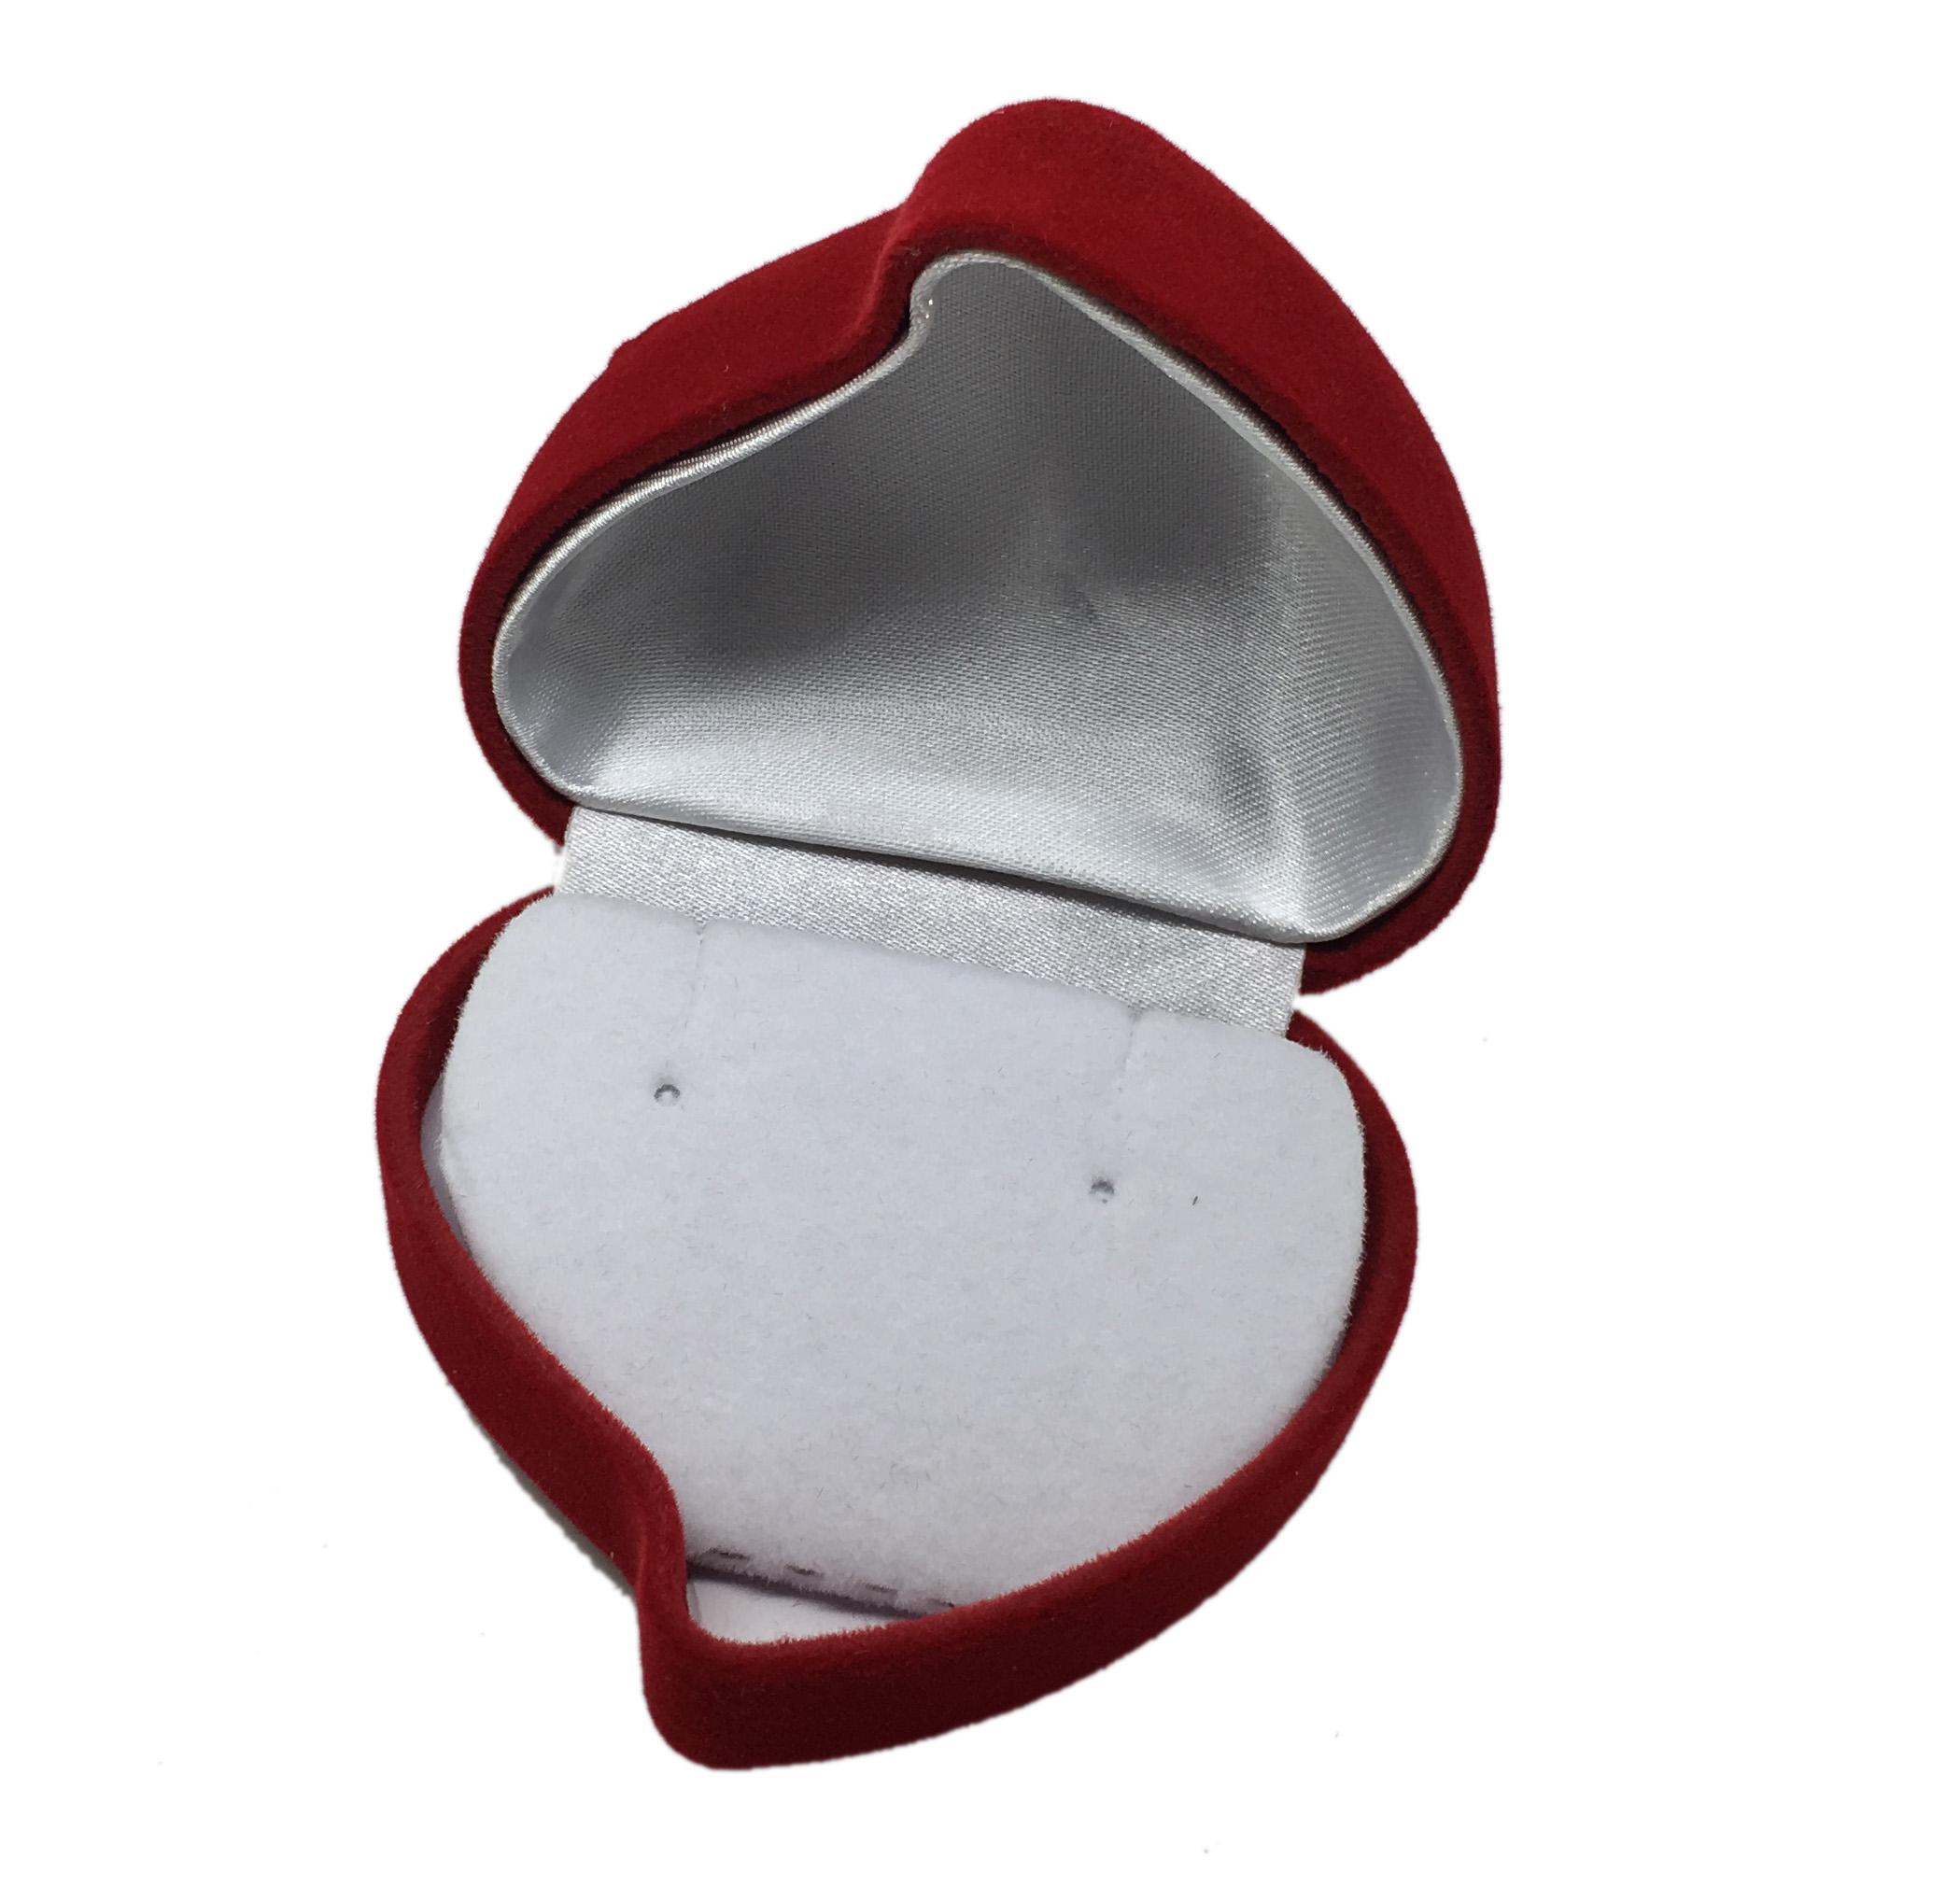 אריזת מתנה לתכשיט לב אדום MY0917003HEIN